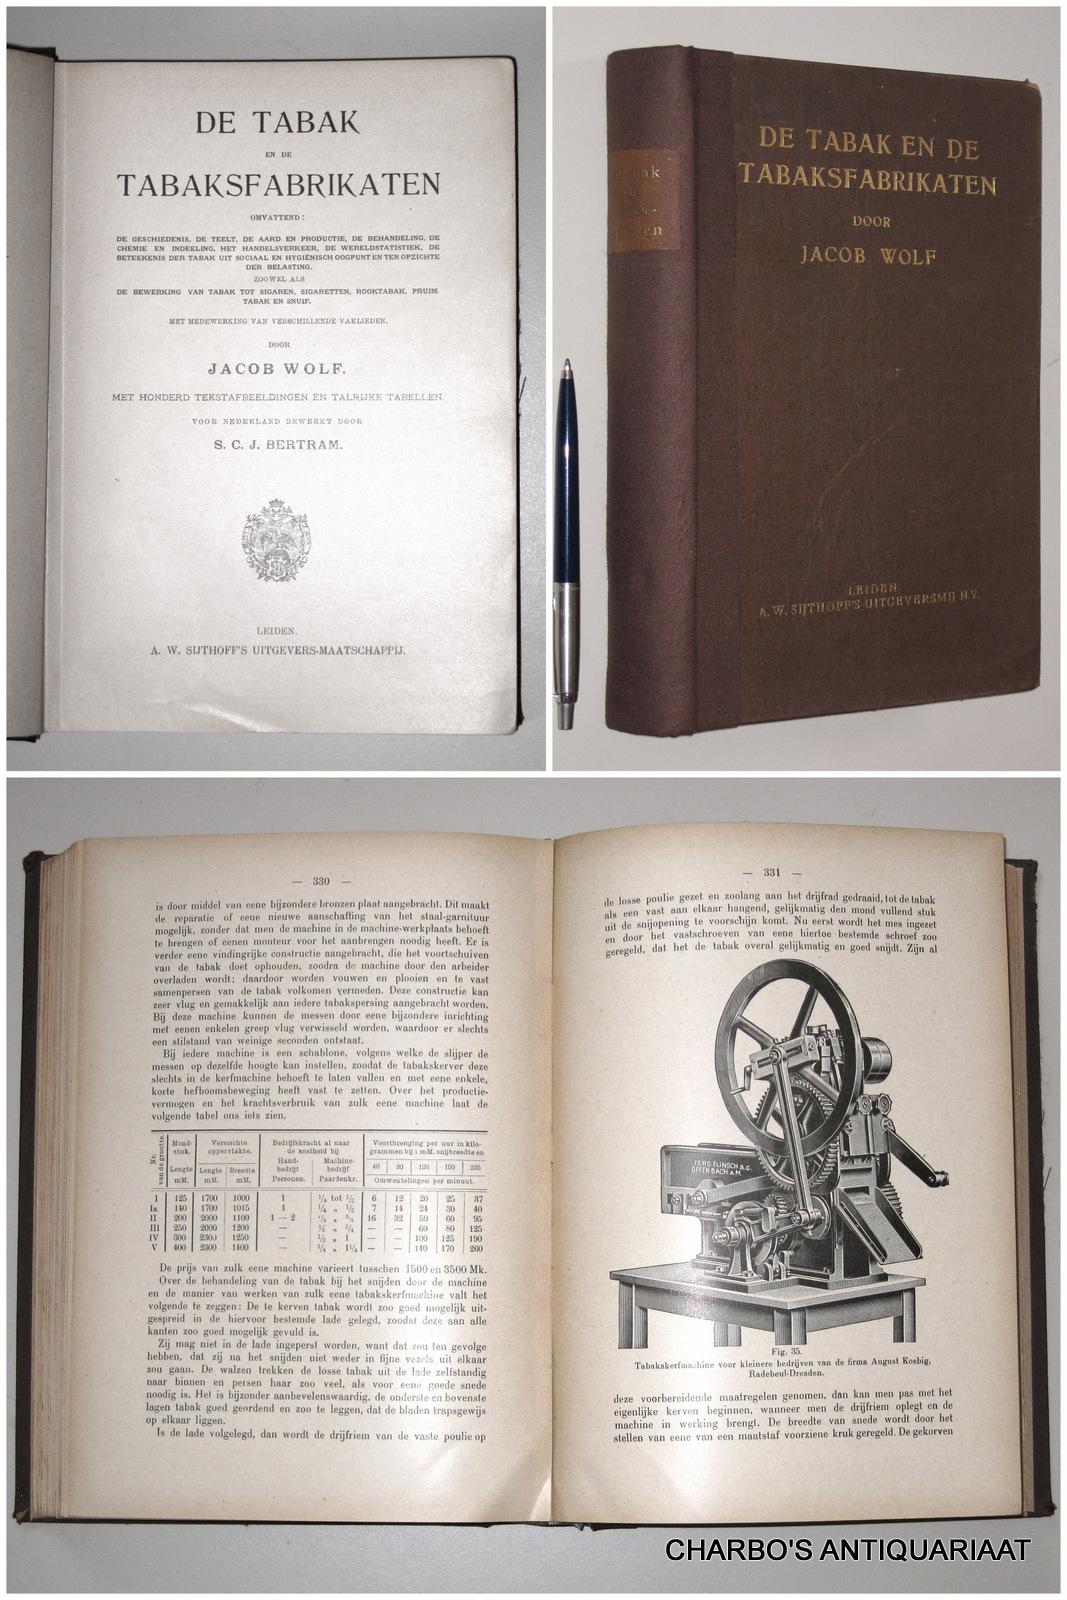 WOLF, JACOB, -  De tabak en de tabaksfabrikaten. Voor Nederland bewerkt door S.C.J. Bertram.